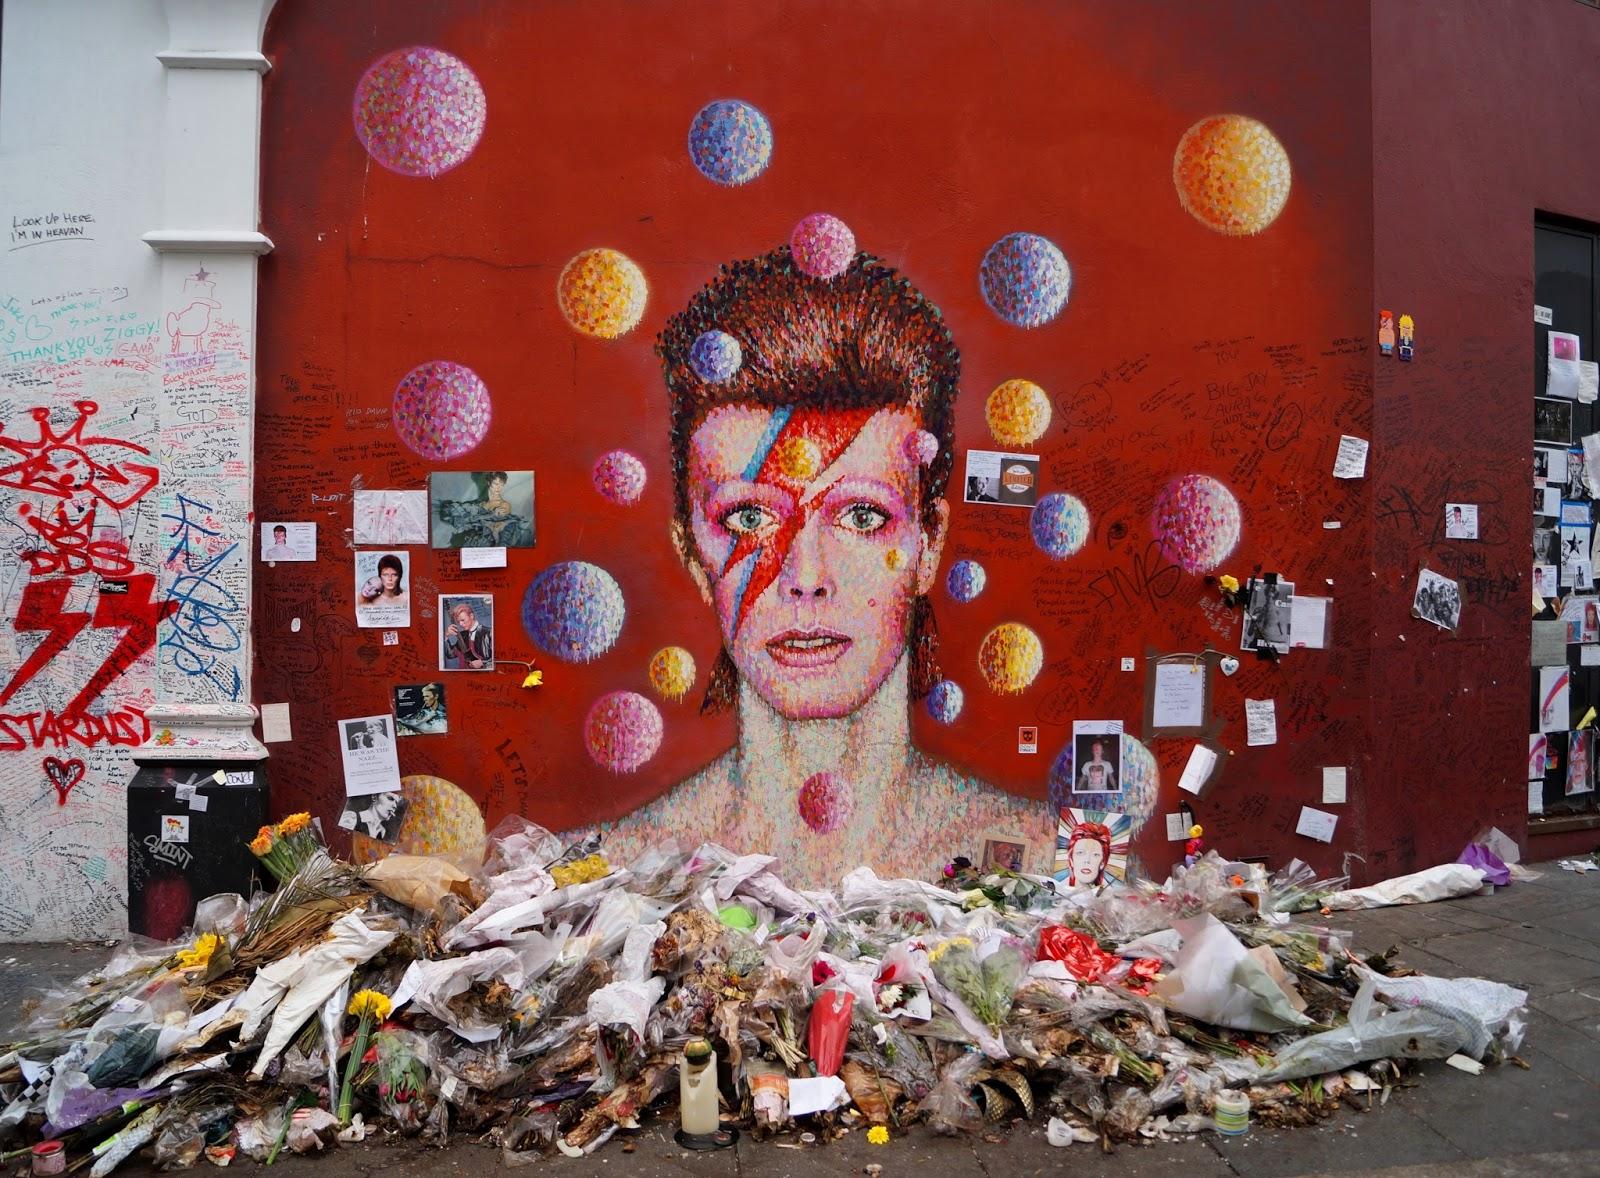 Bowie mural, Marleys